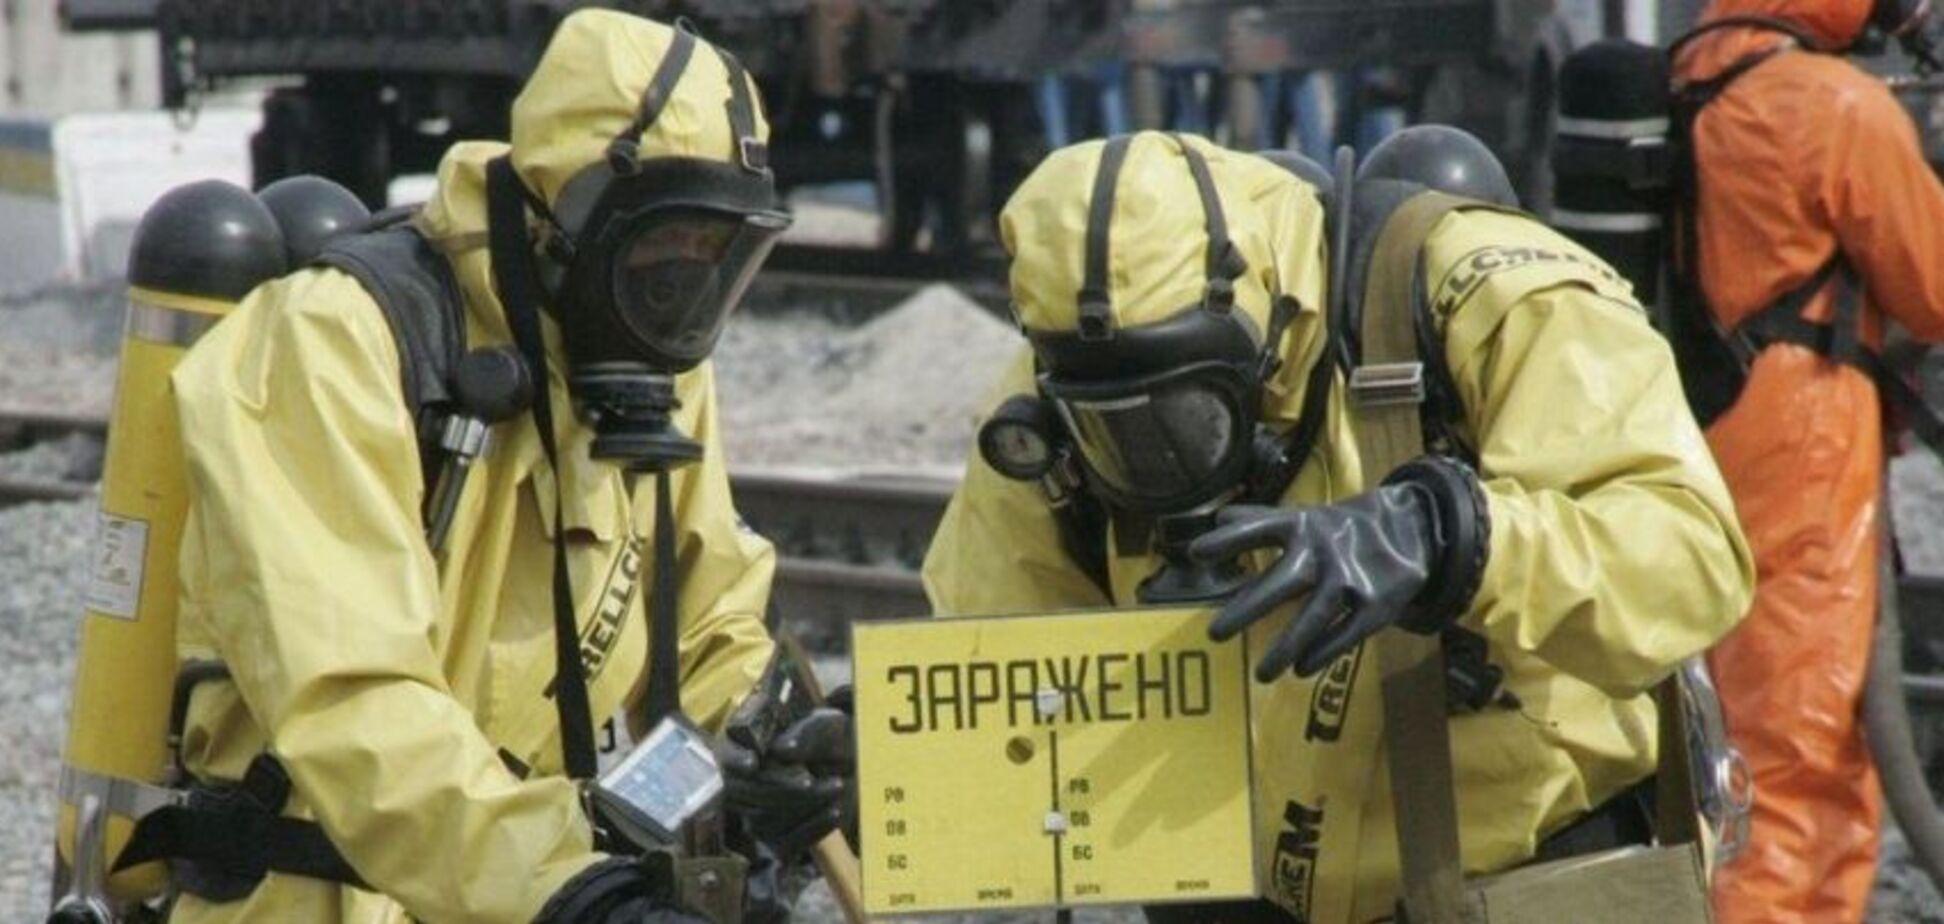 Лікарі заразилися радіацією? З'явилися скандальні подробиці про вибух під Сєвєродвінськом